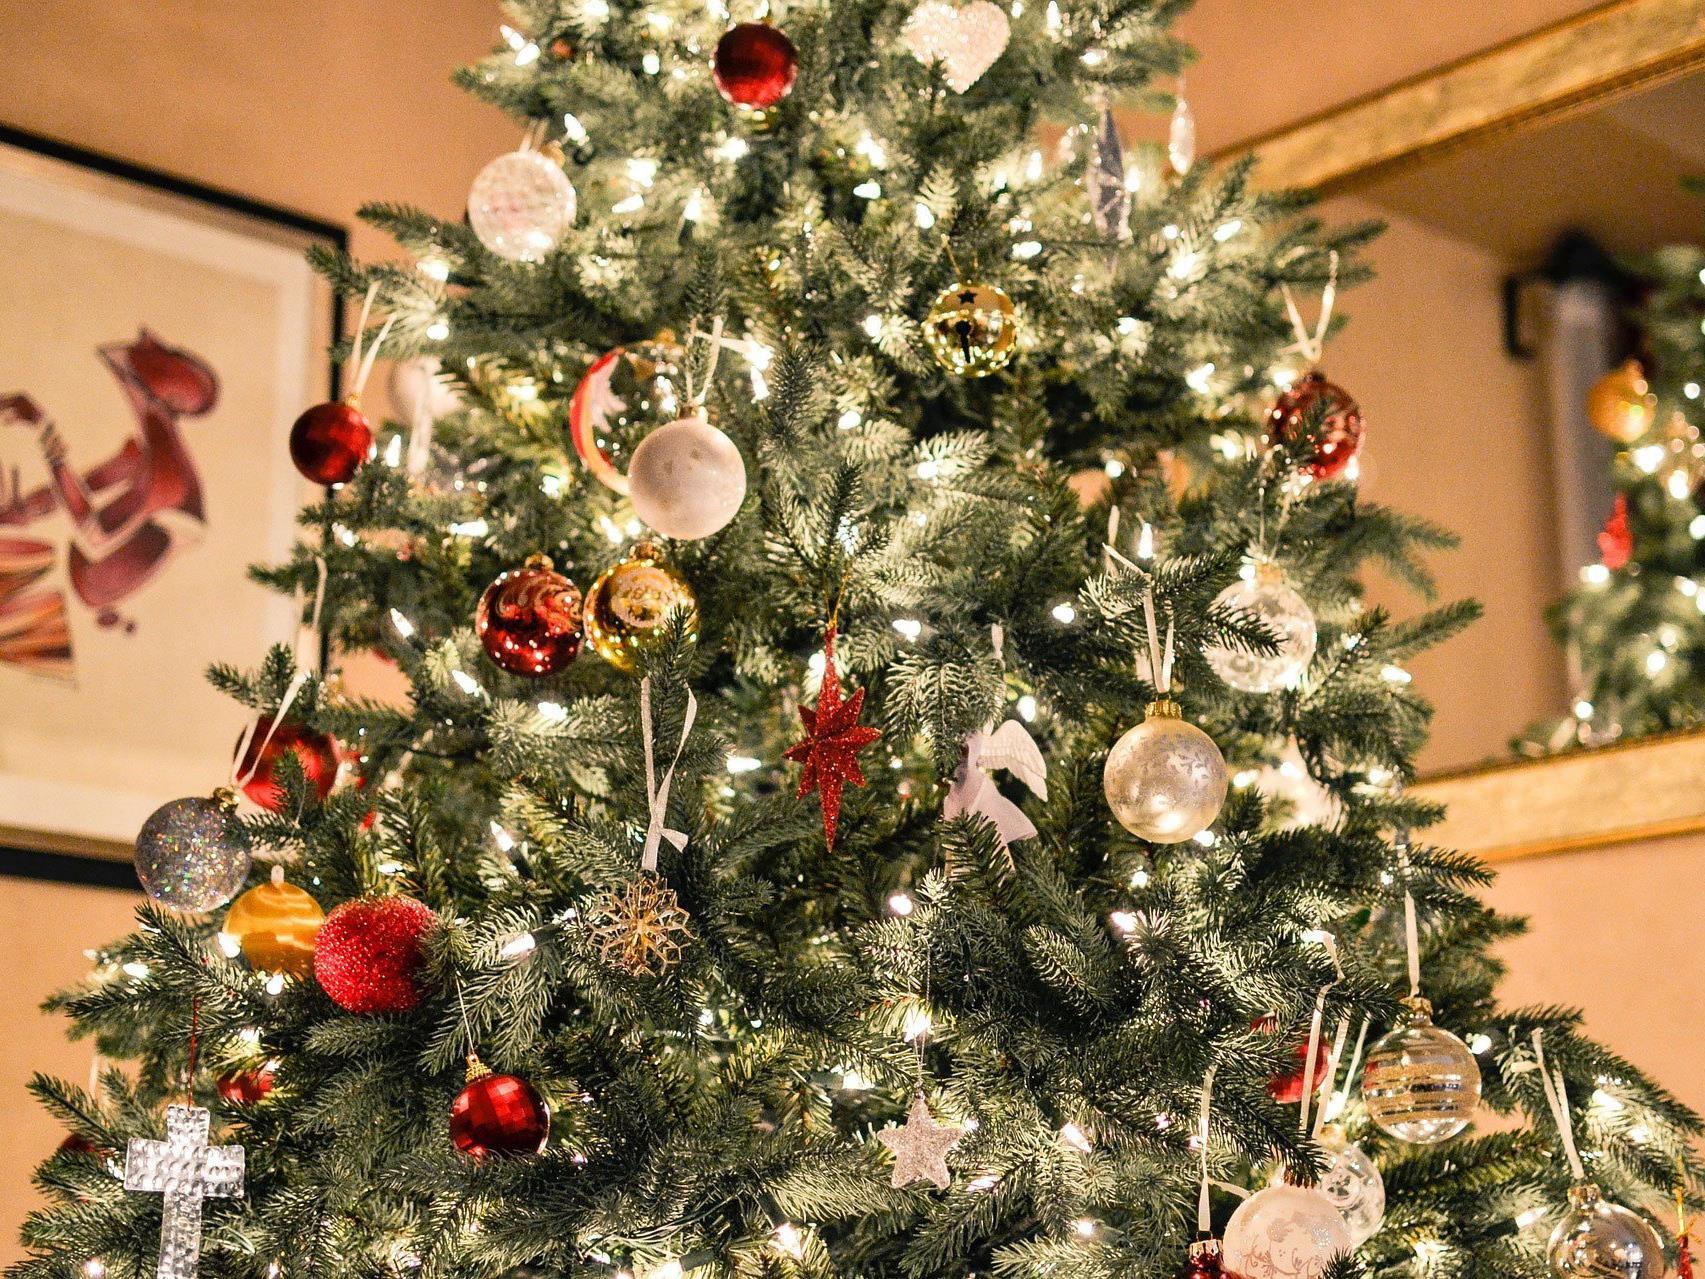 GfK-Studie: Durchschnittlich 85 Prozent haben grünes Weihnachtssymbol daheim